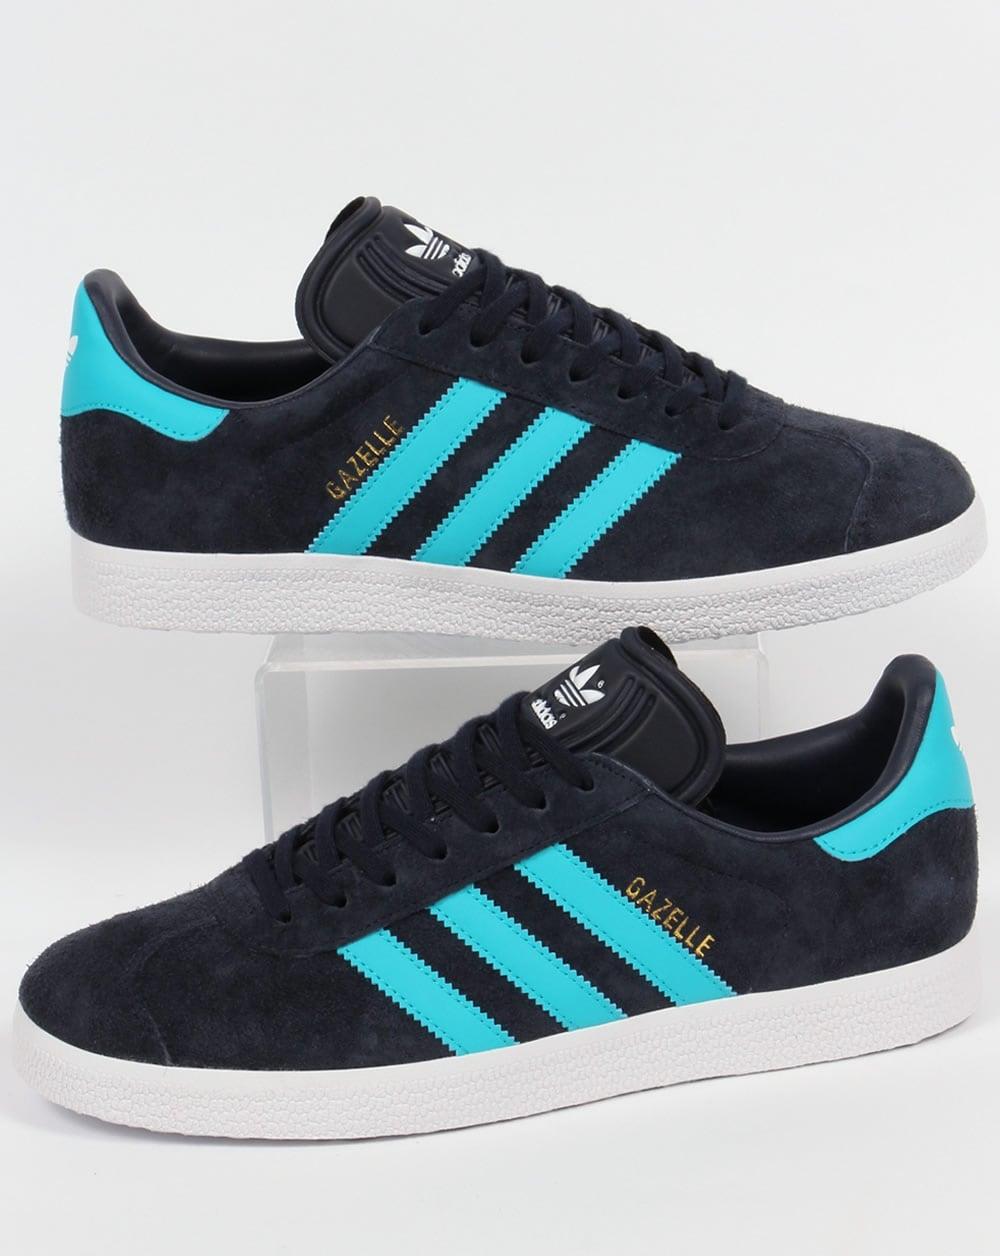 Adidas Gazelle Bleu 38 Fonce Vente Jusqu A 38 Bleu De Rabais